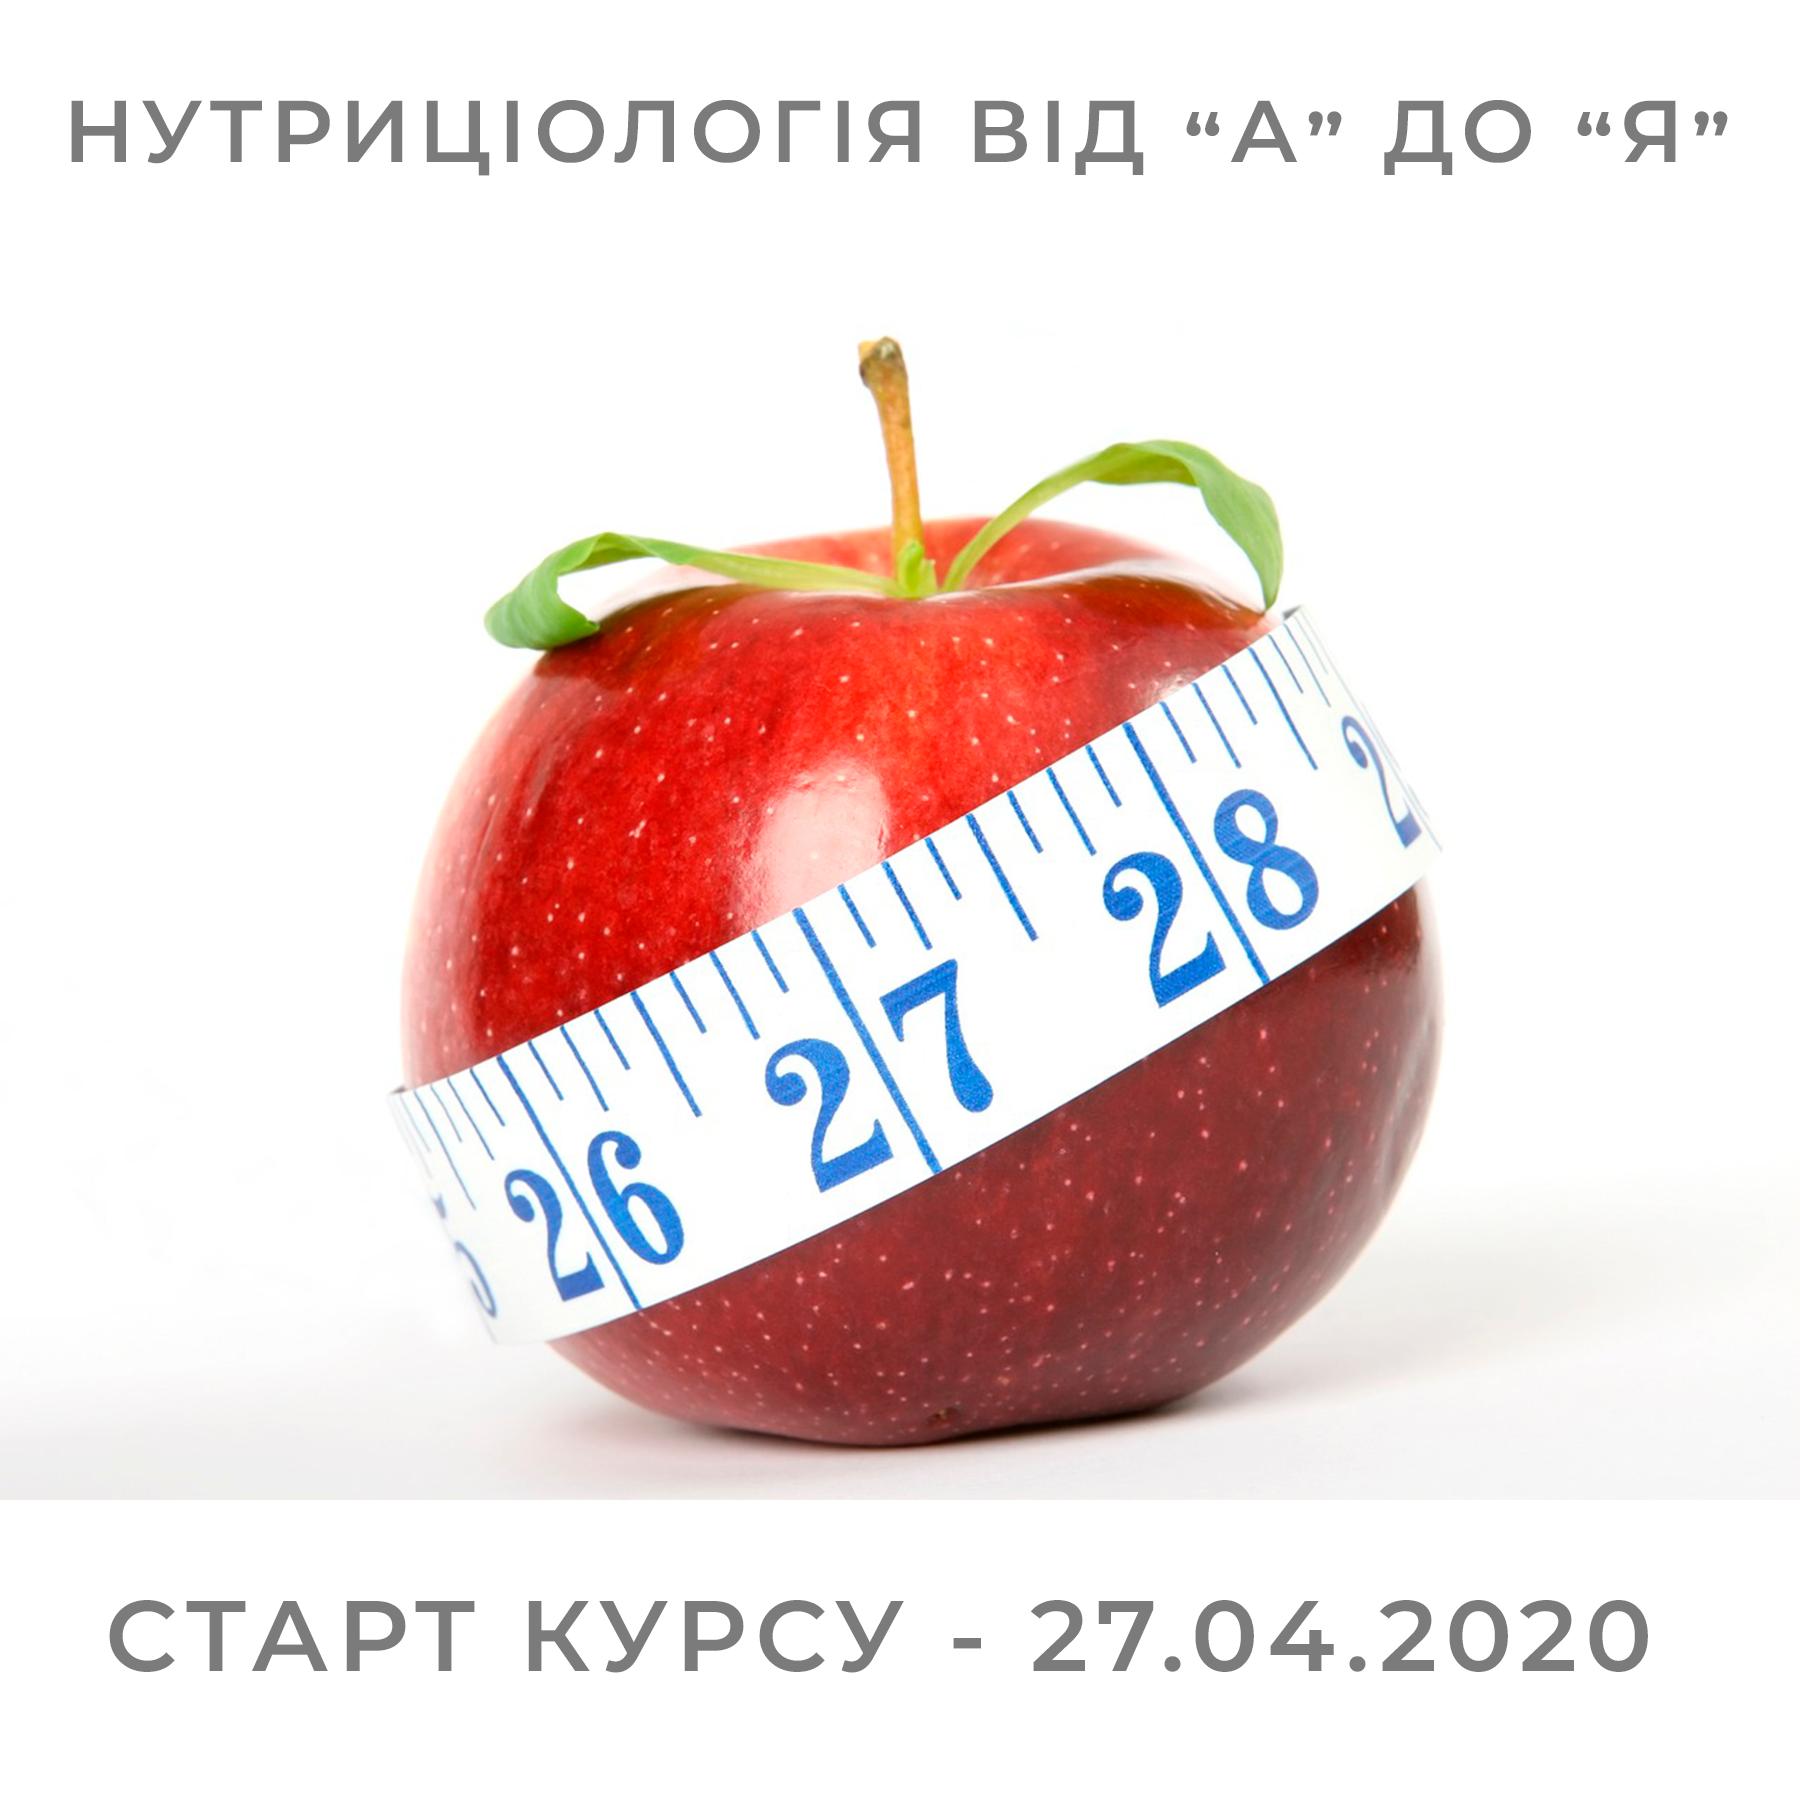 """Запрошуємо на курс """"Нутриціологія від А до Я"""". Вже з 27.04!"""